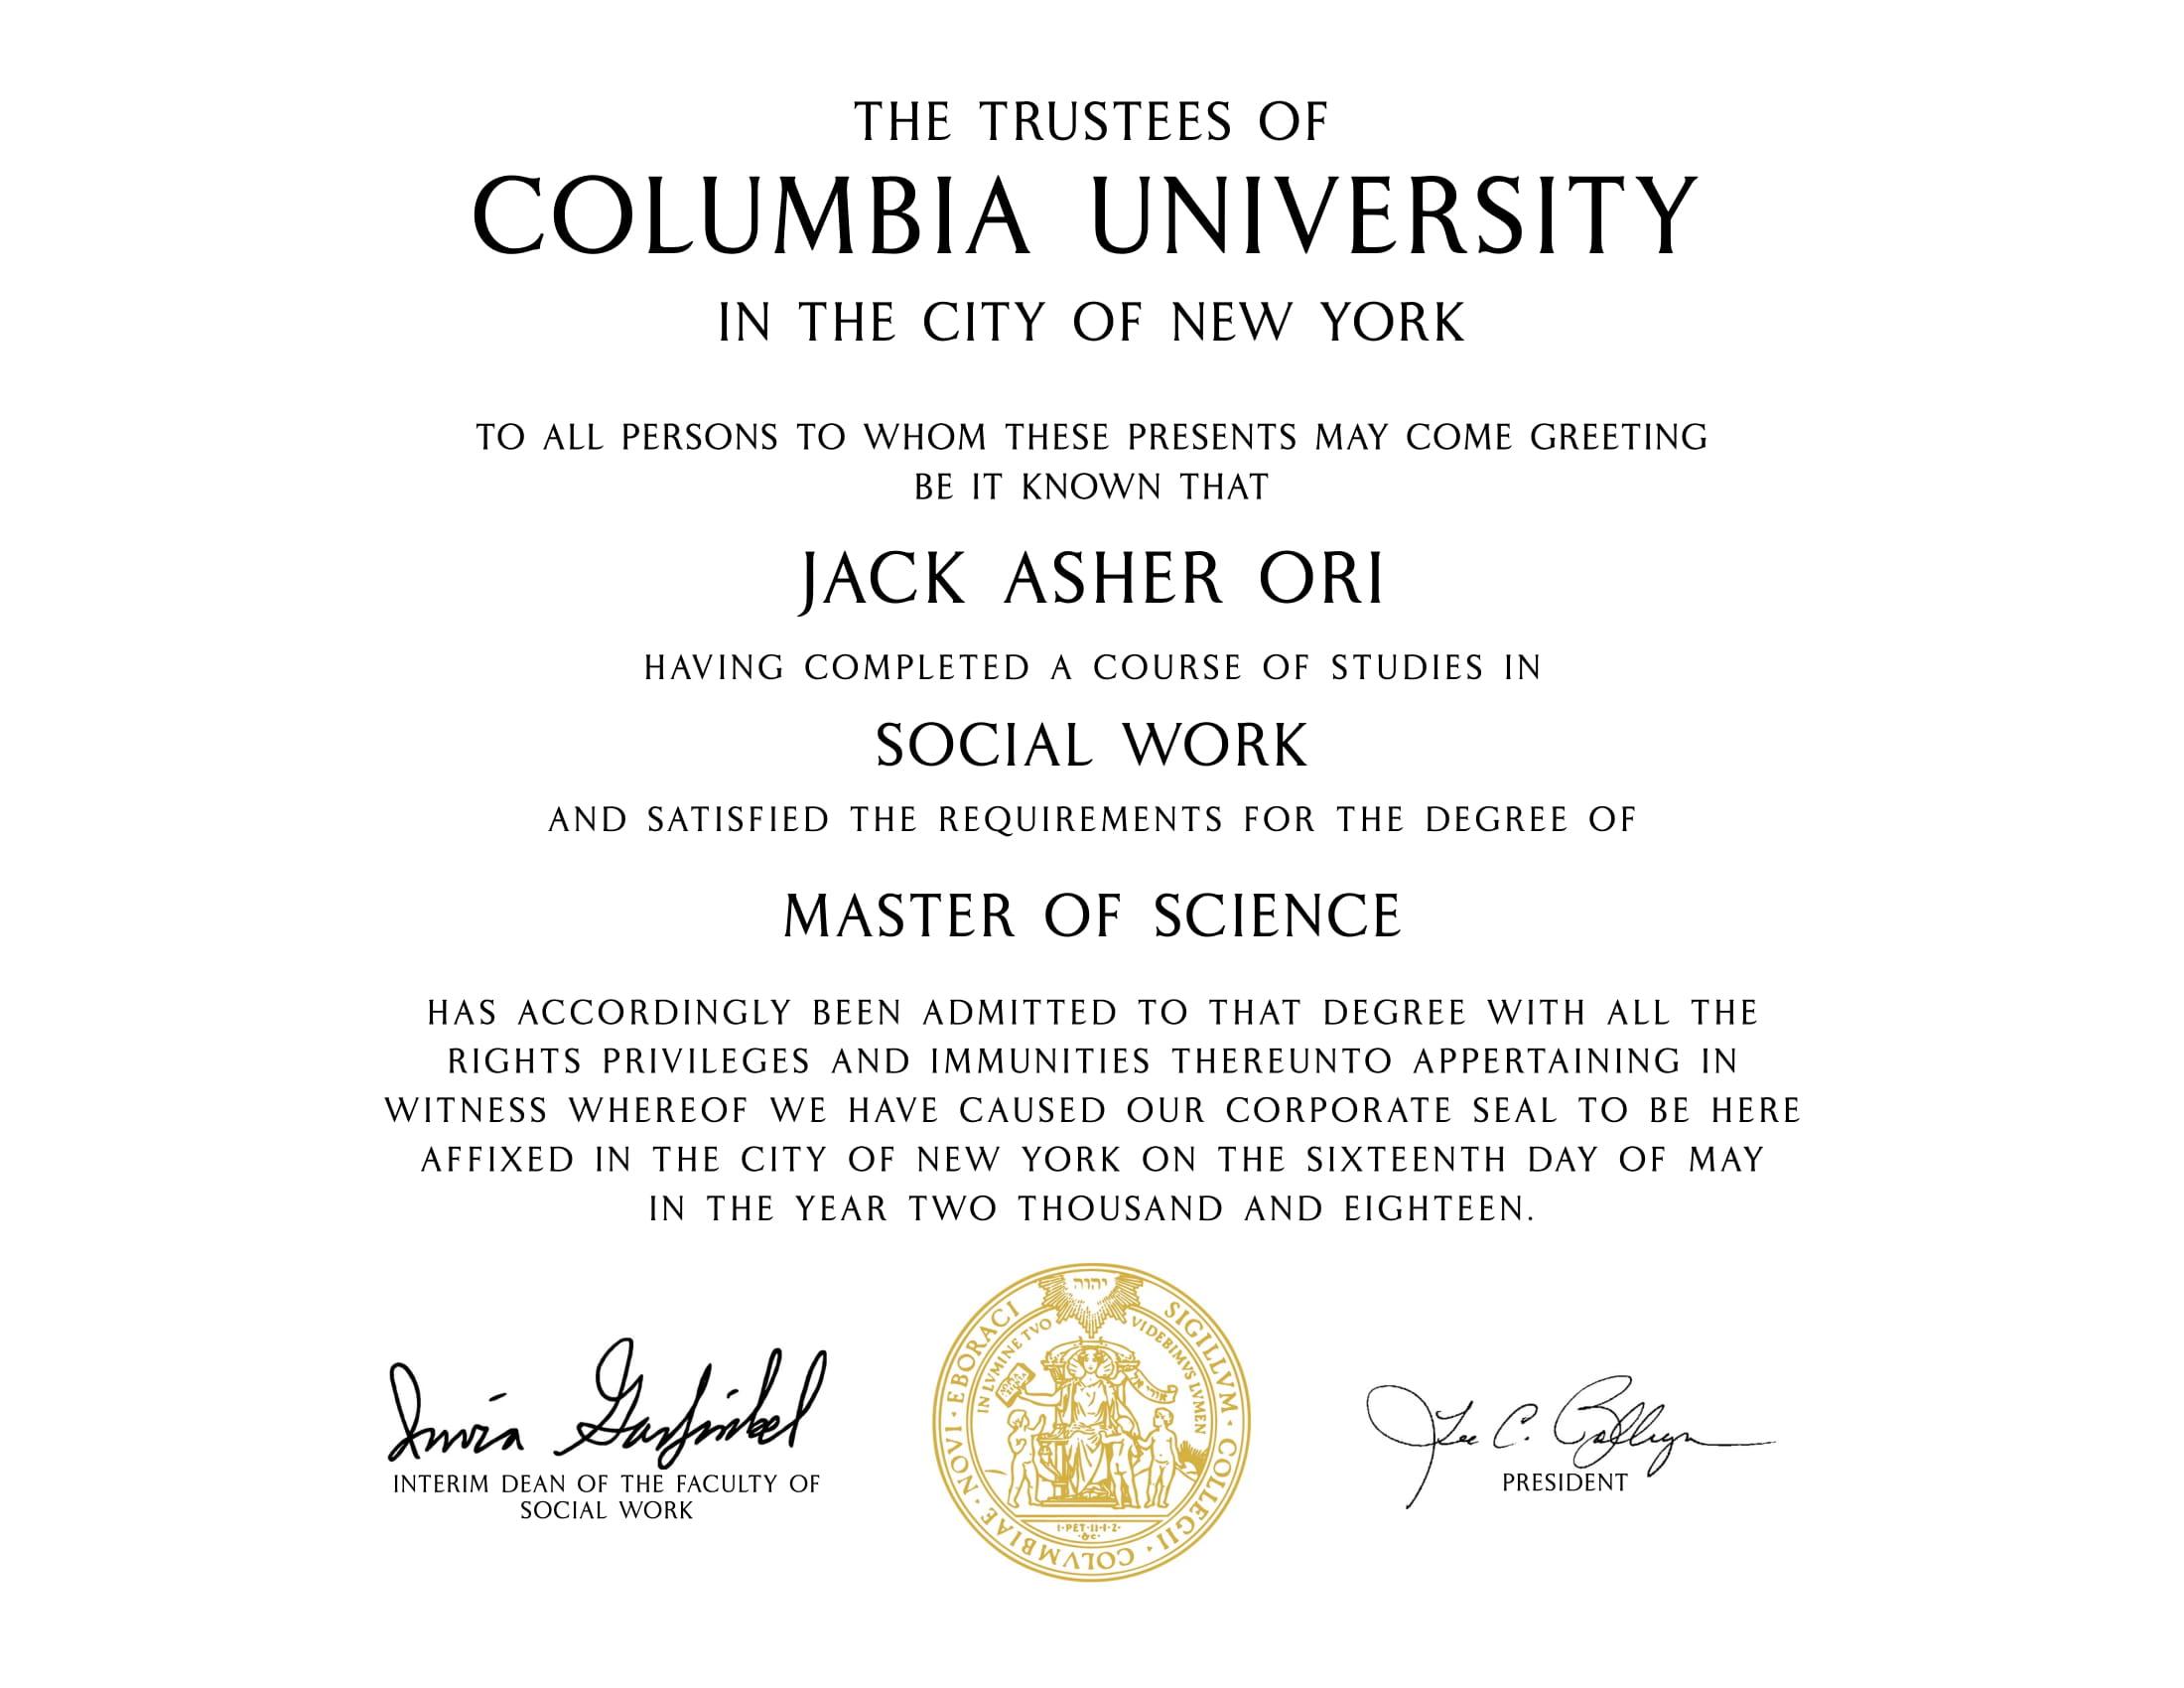 Jack A Ori - MSW Diploma